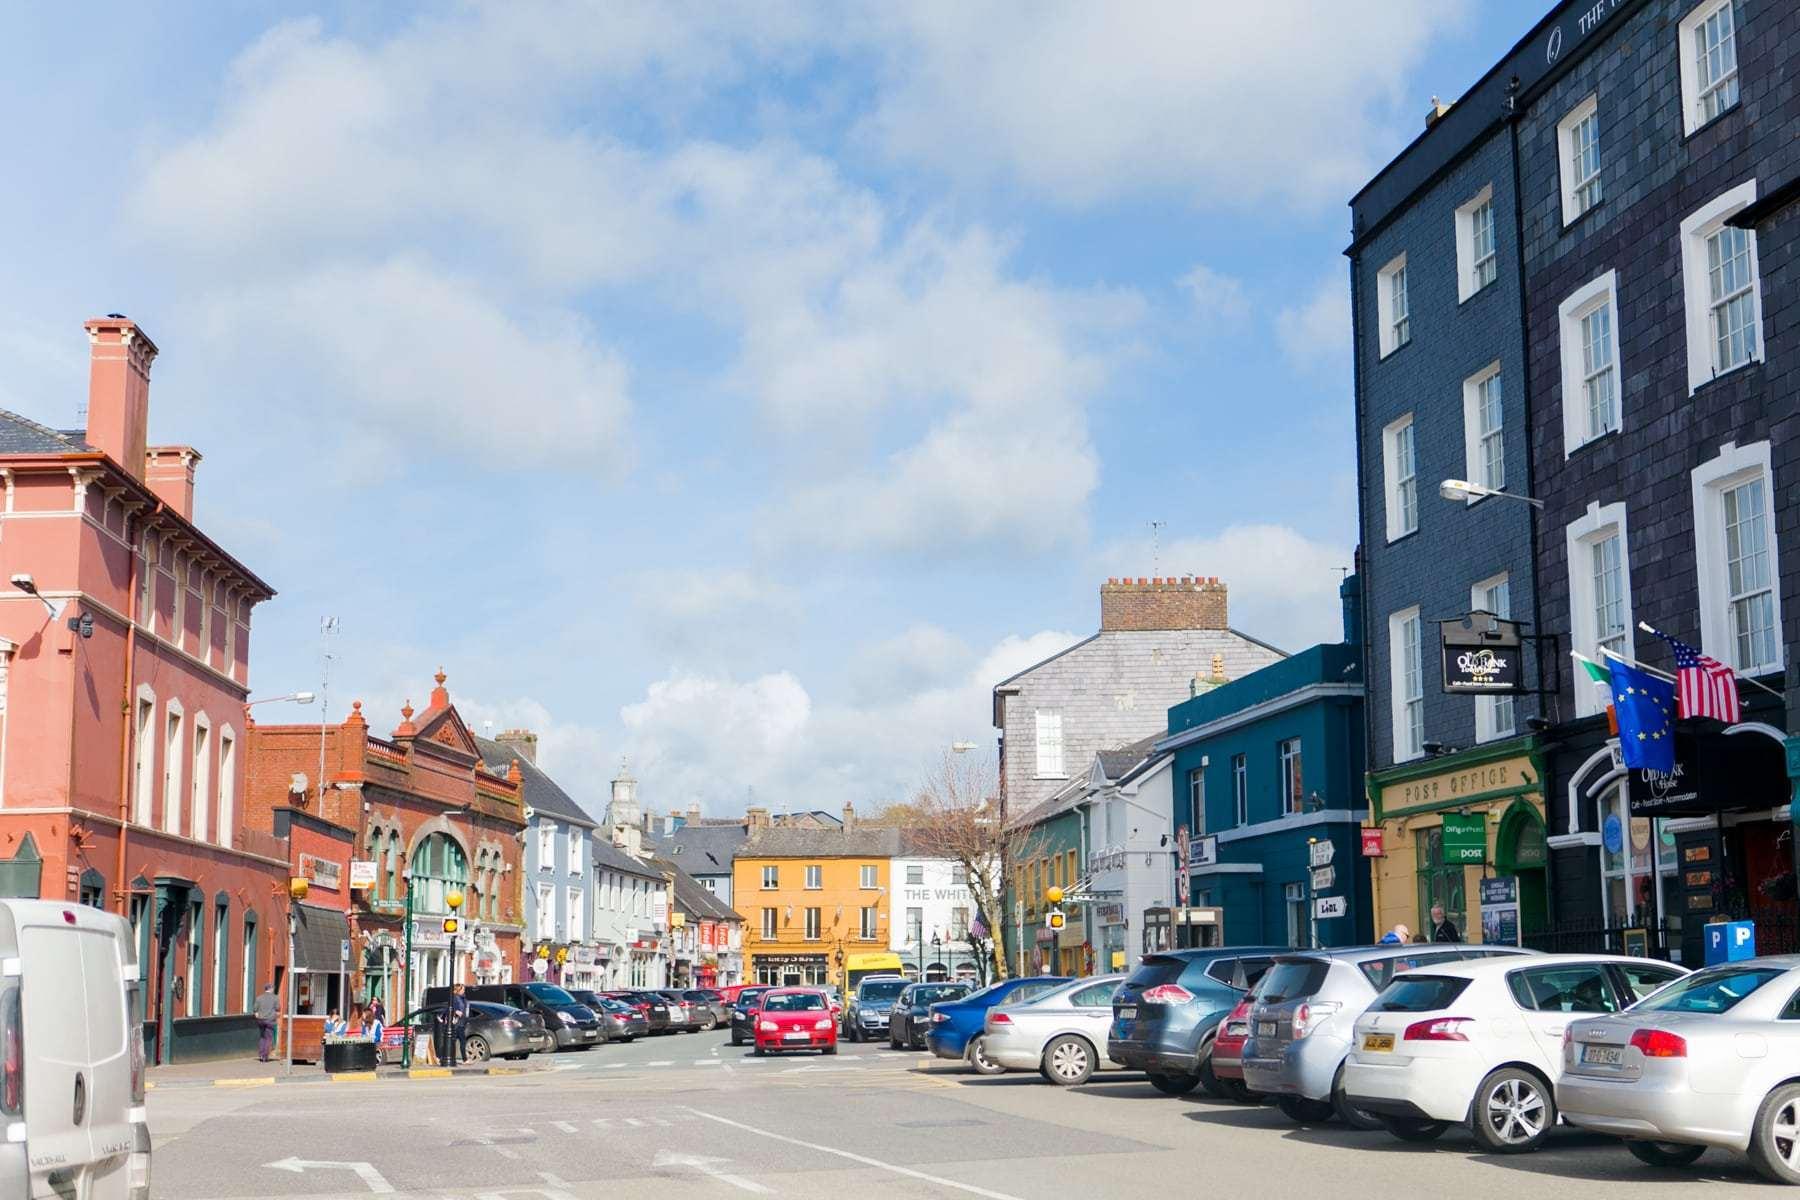 Kết quả hình ảnh cho Kinsale ireland